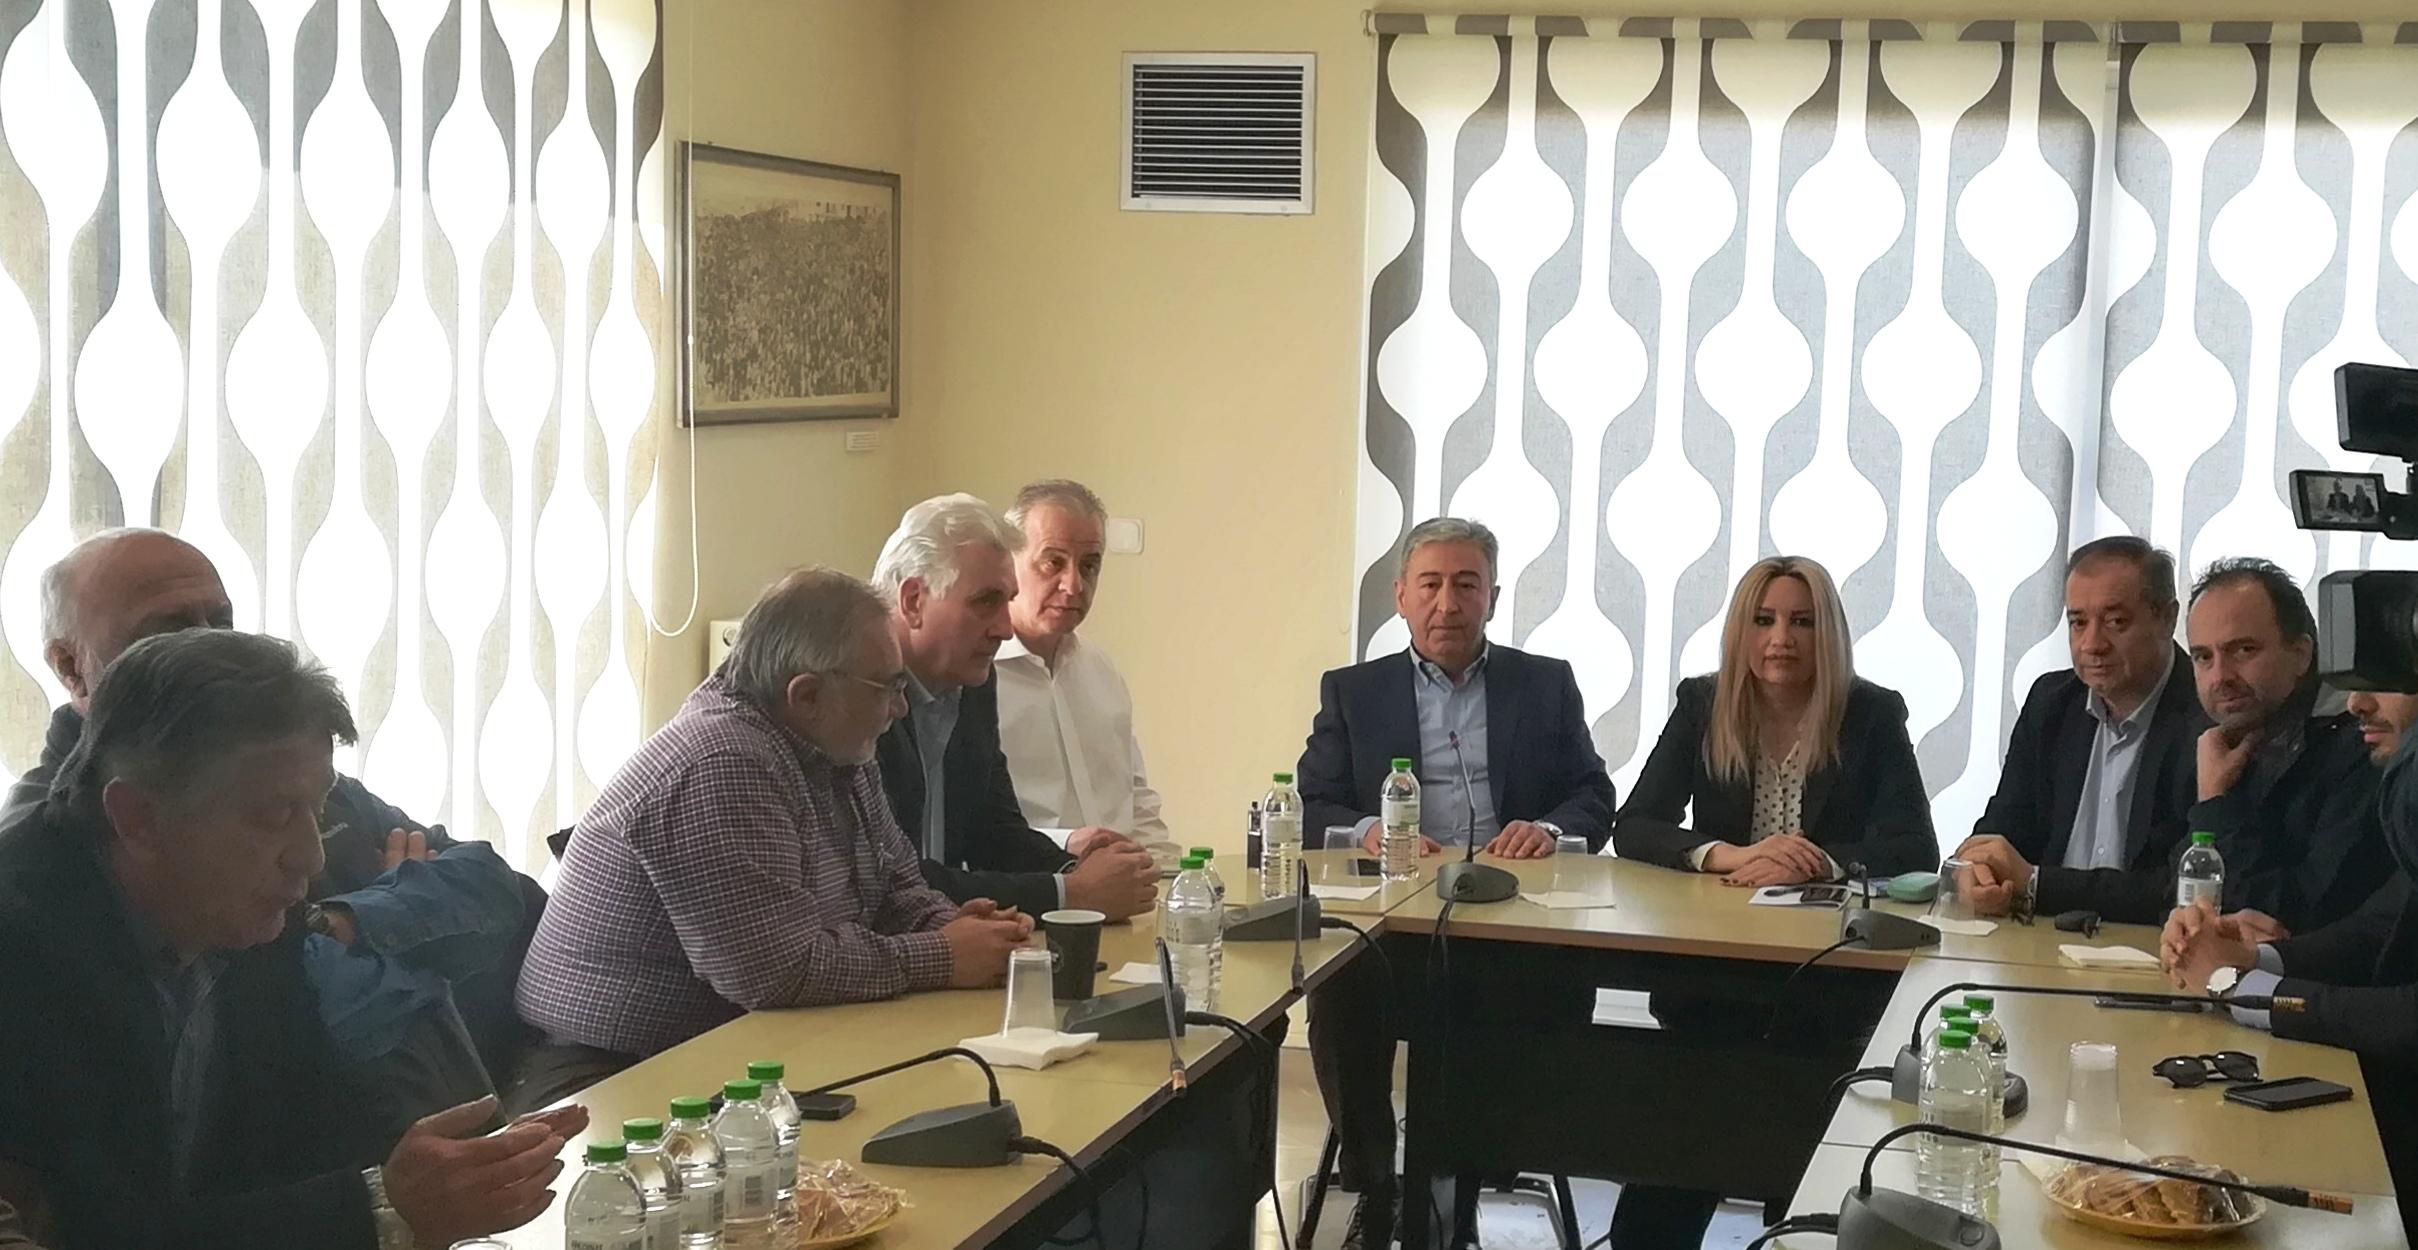 Επίσκεψη της προέδρου του ΚΙΝΑΛ, Φώφη Γεννηματά στο Ε.Κ.Θ.